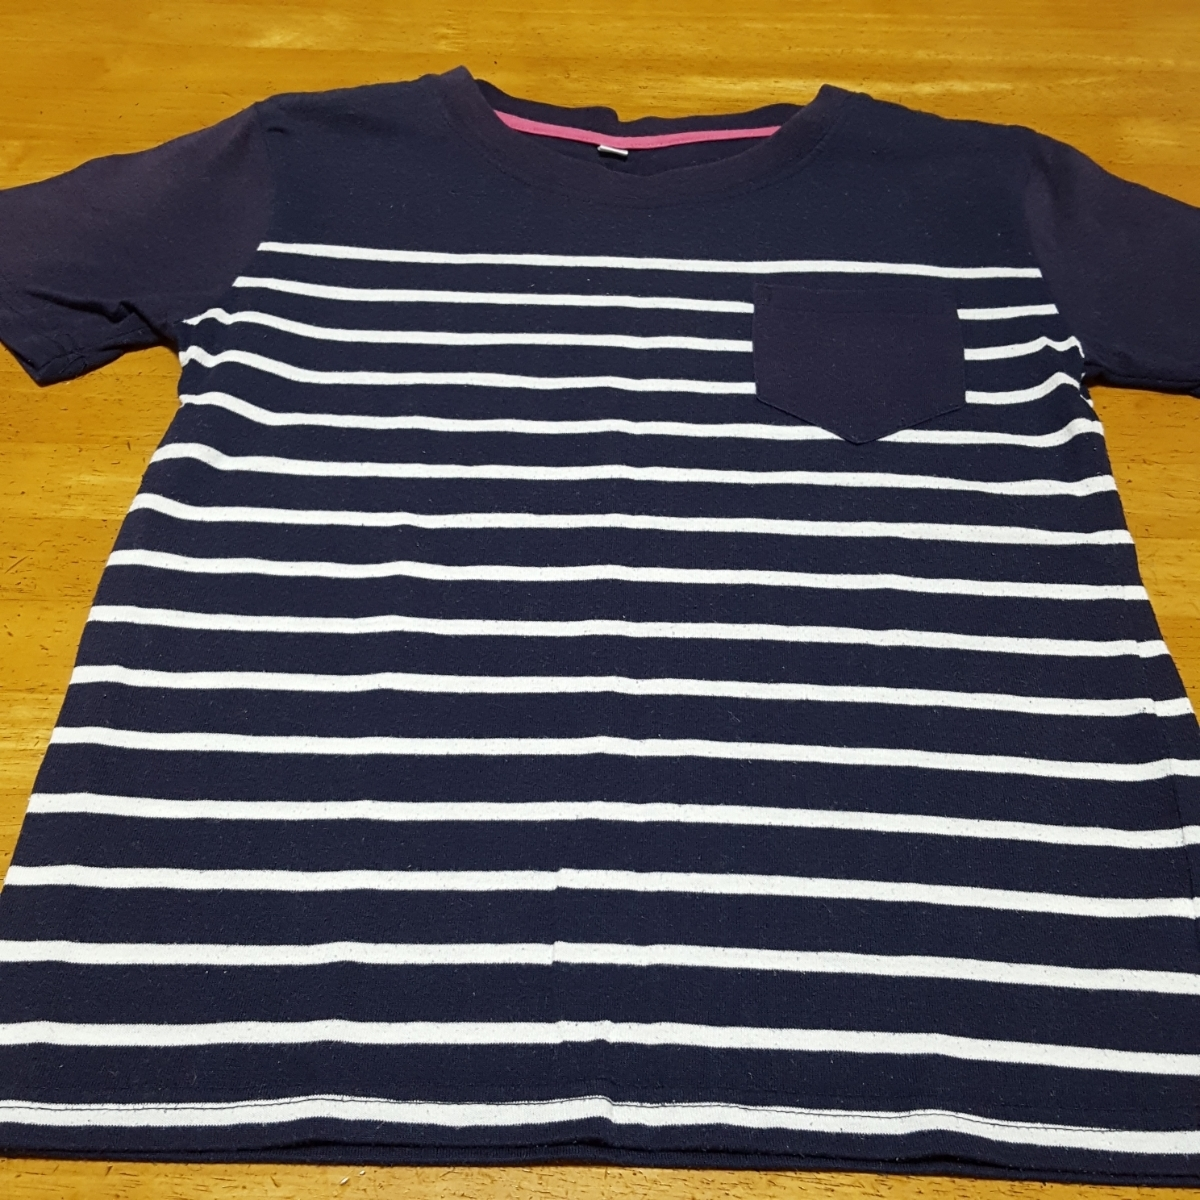 おまけつき 紺色Tシャツ 速乾 サイズ 140 中古 ボーダーTシャツ付き_画像4